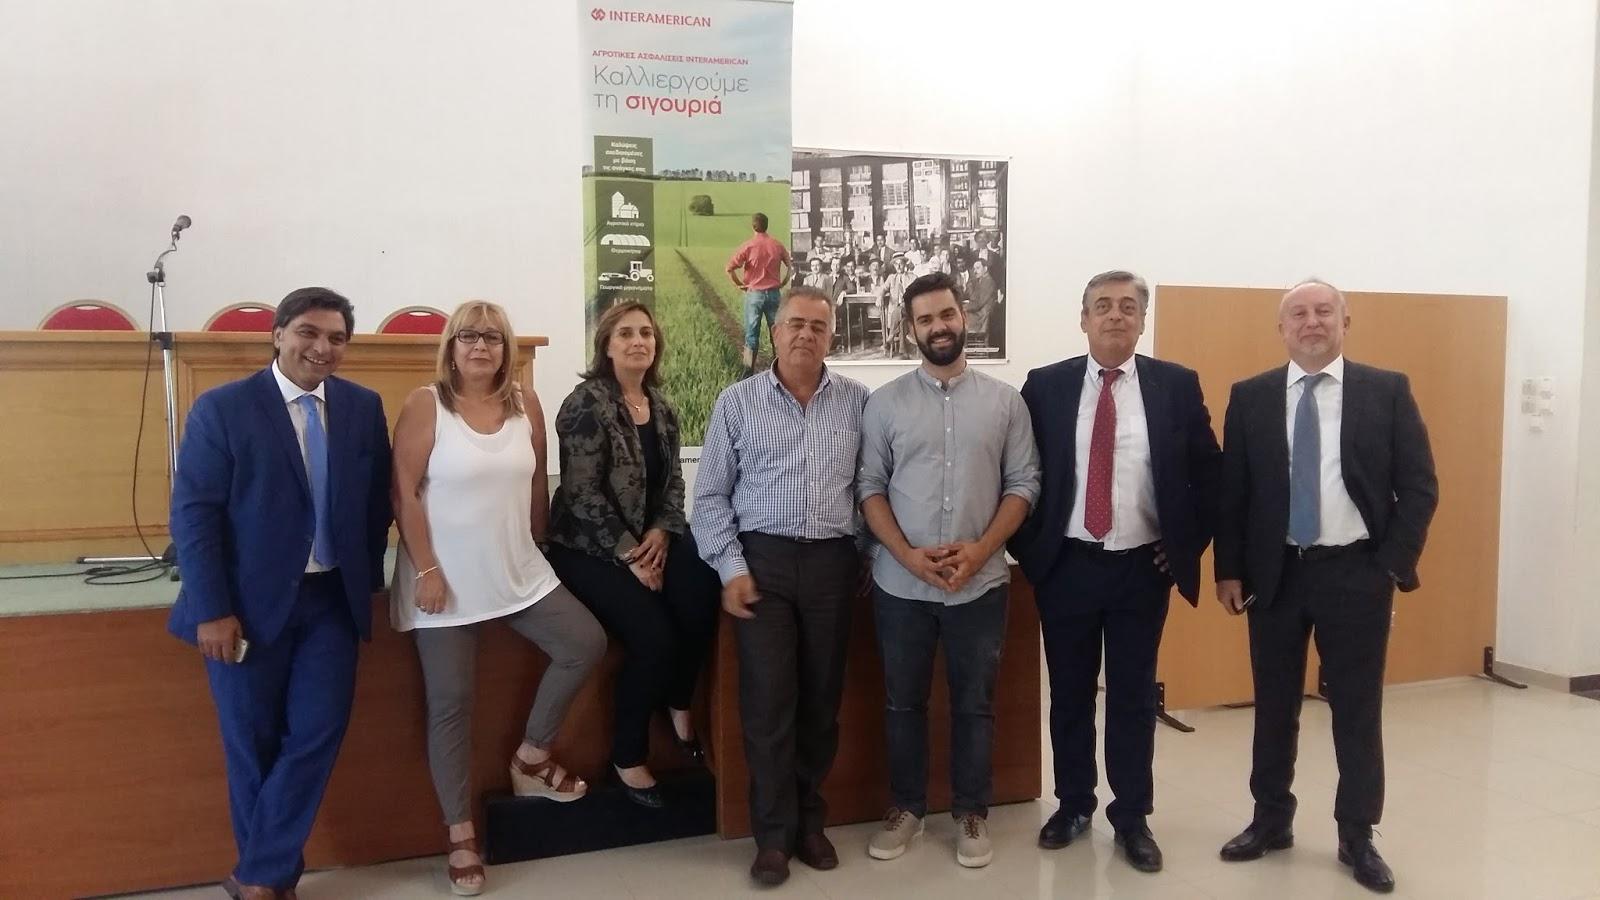 Συνεργασία INTERAMERICAN –  Ένωσης Αγροτικών Συνεταιρισμών Μεσσηνίας  για ασφάλιση των παραγωγών και της παραγωγής